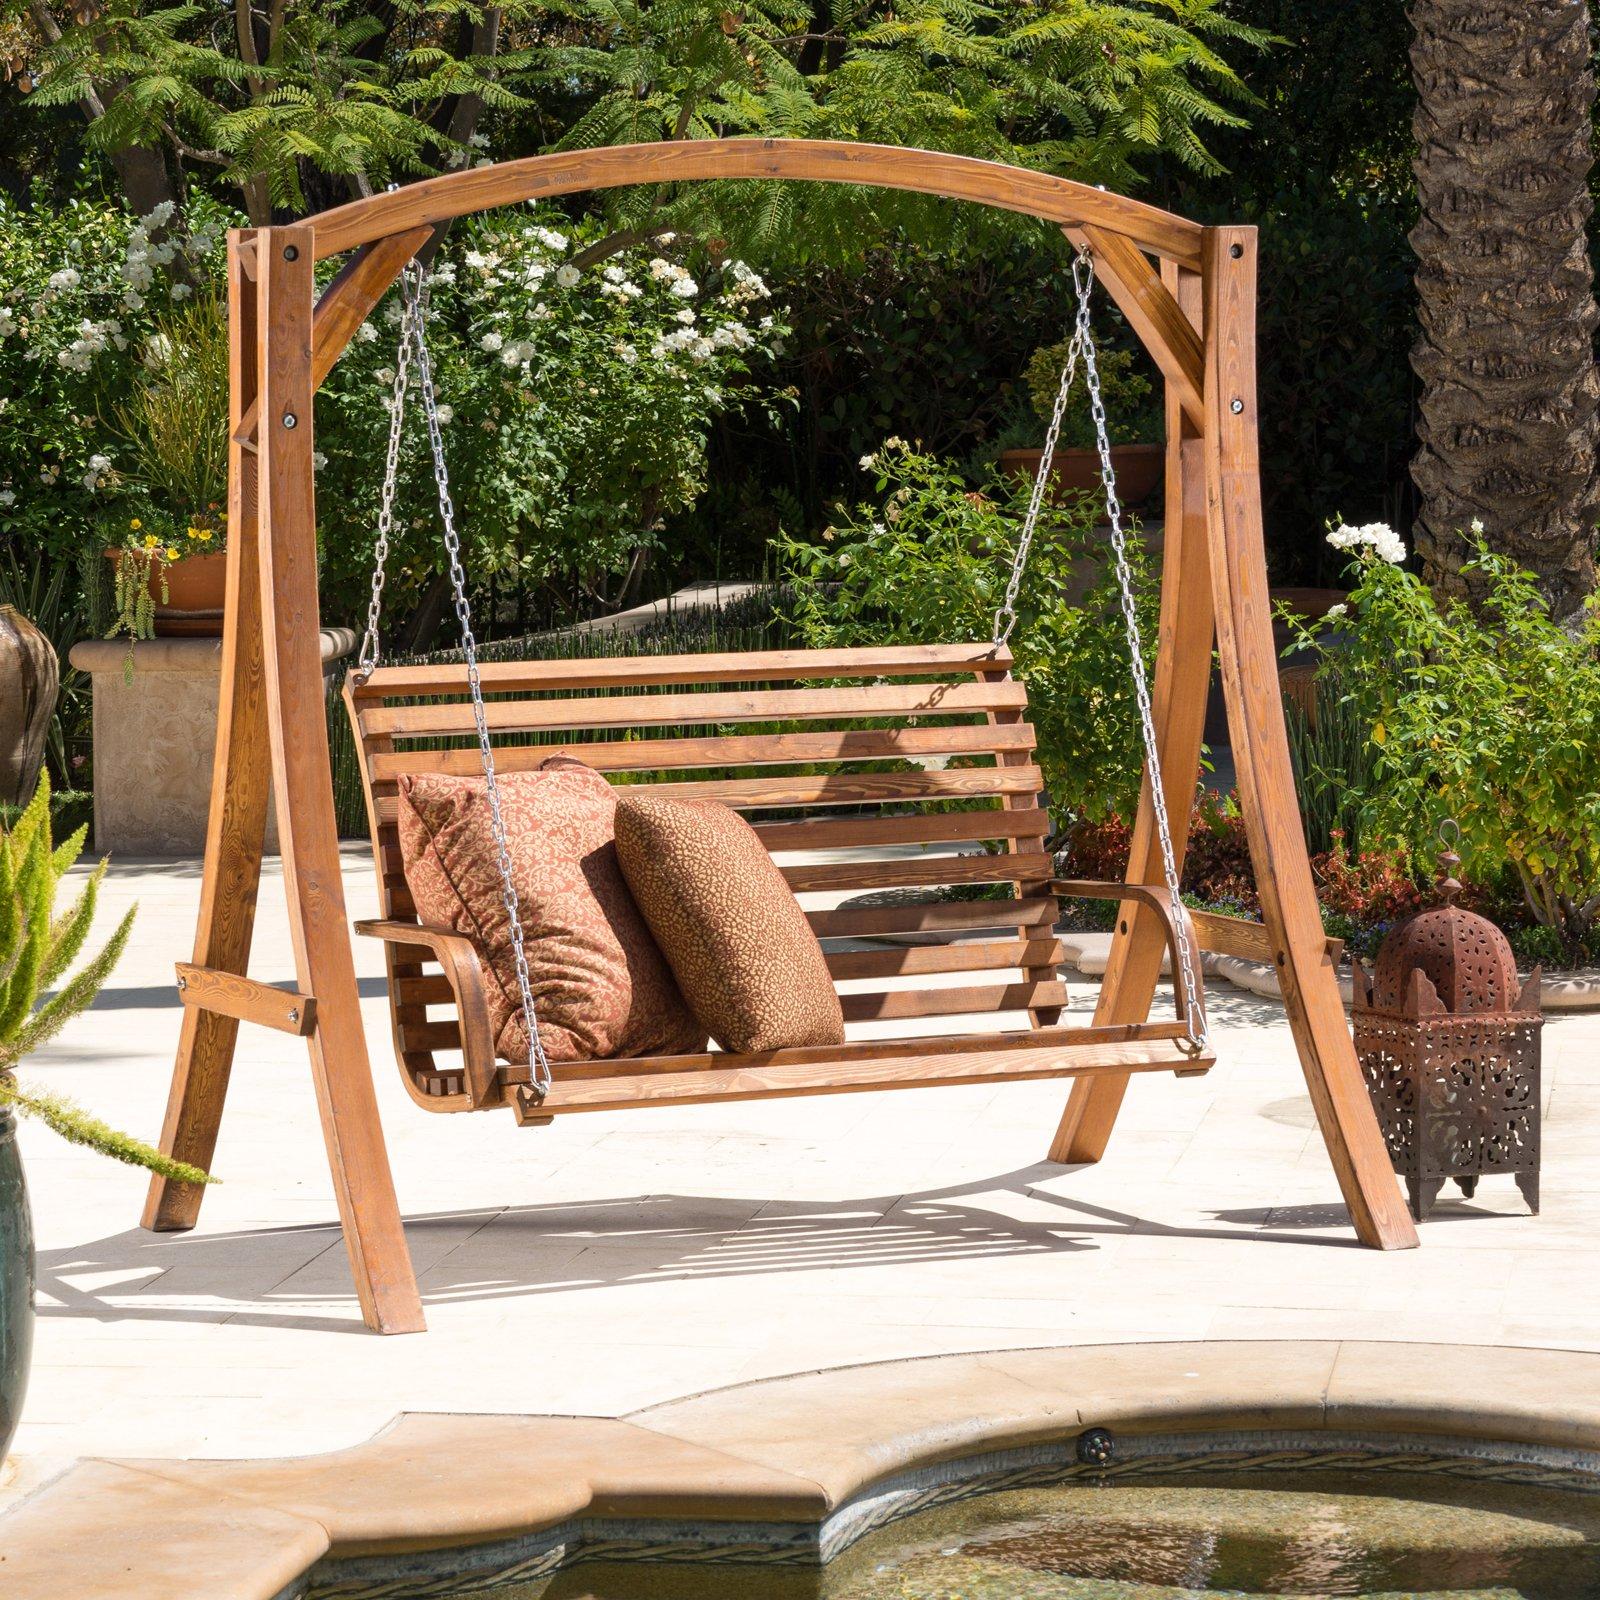 Weyburn Wood Porch Swing - Walmart.com